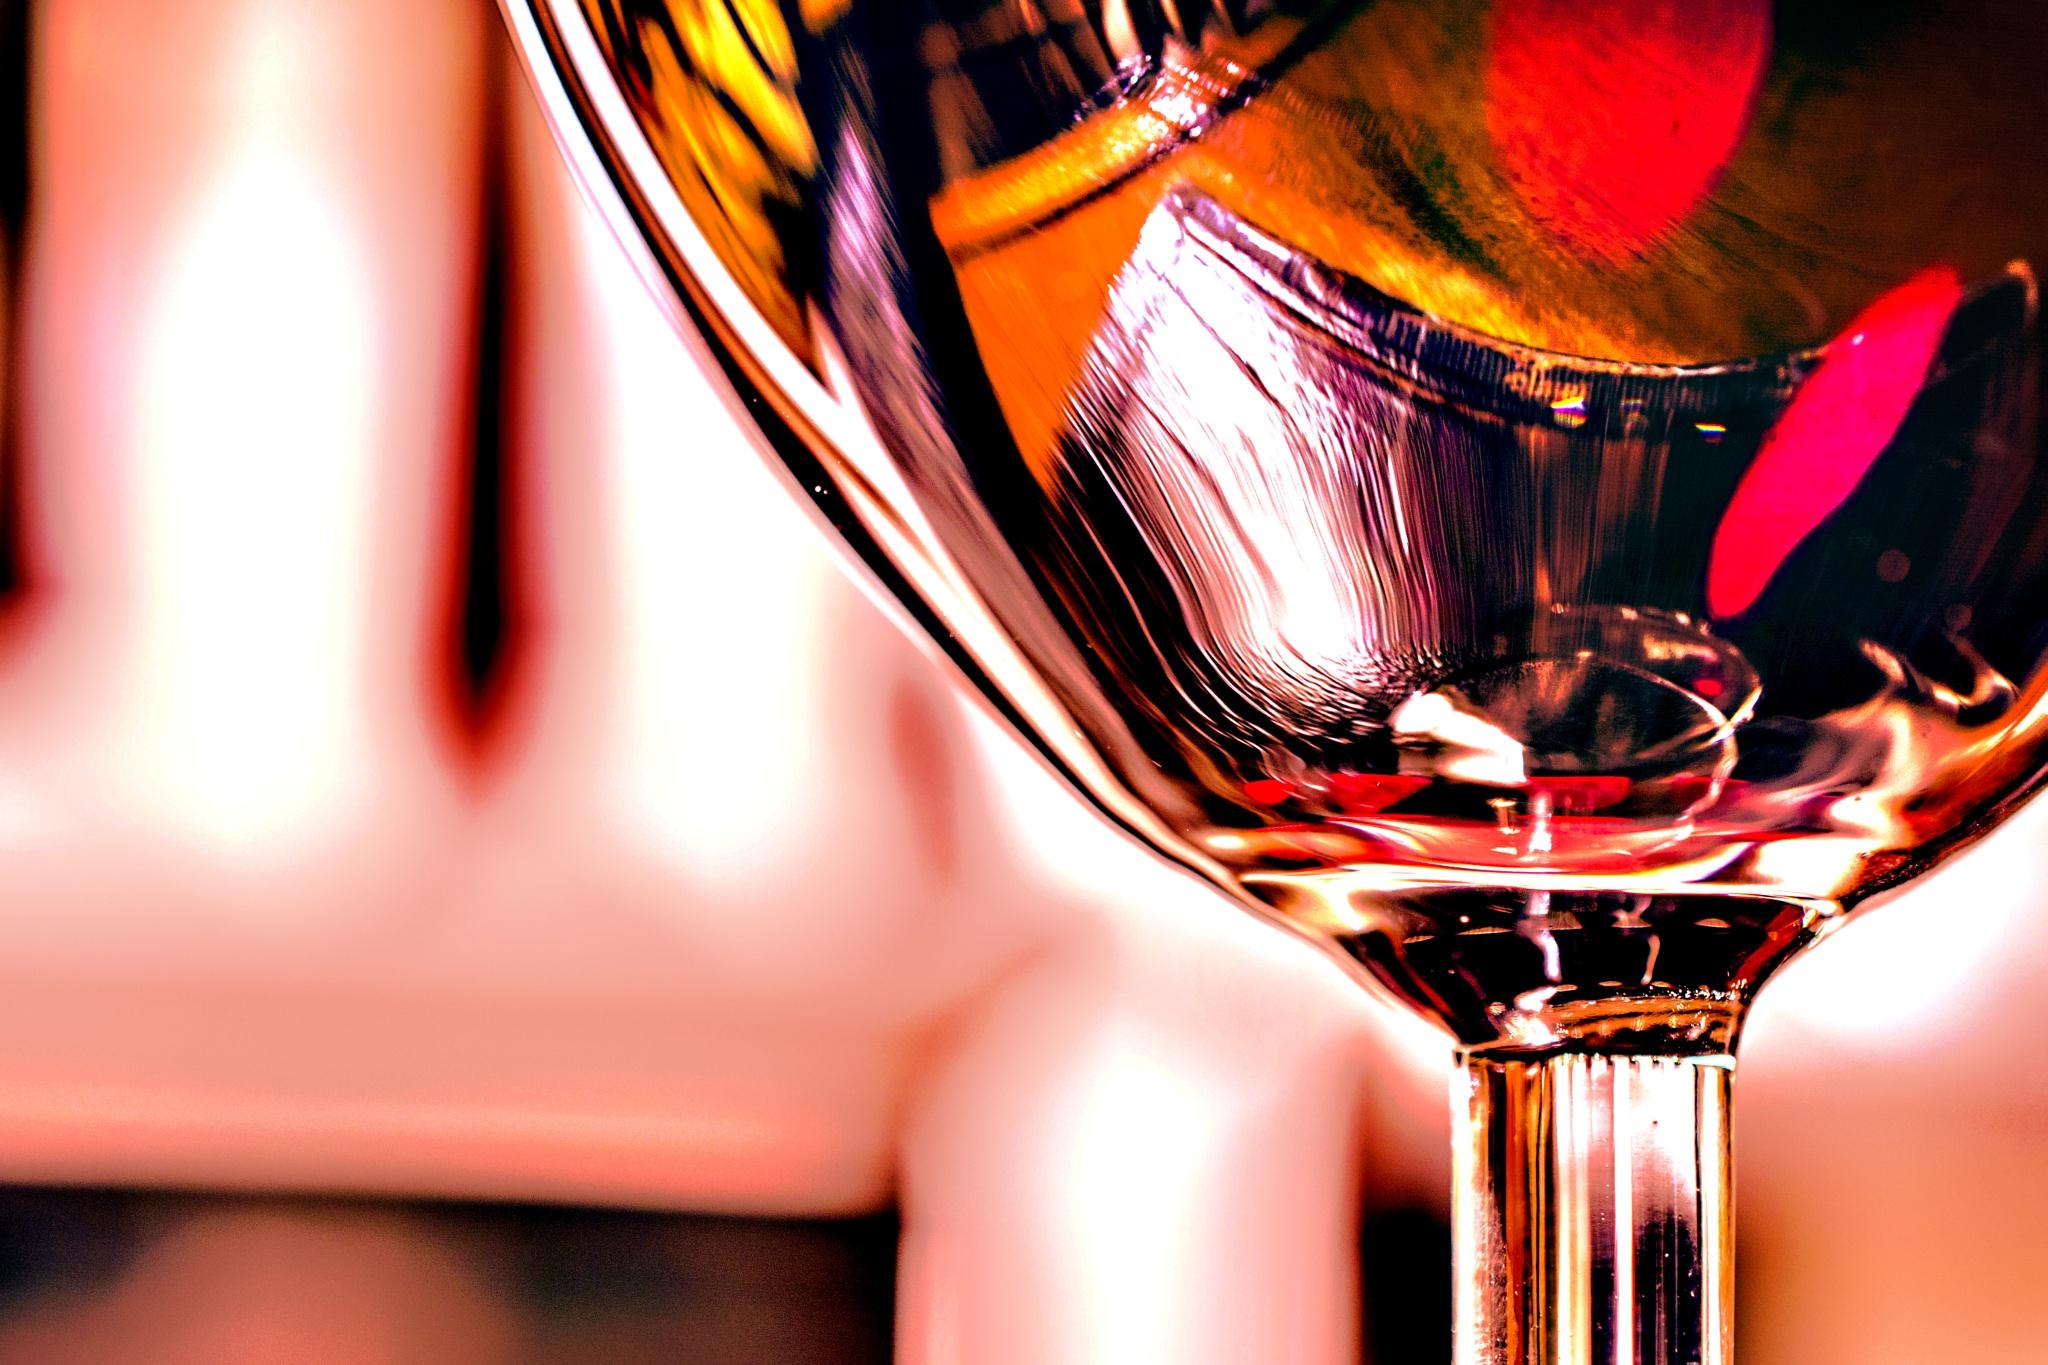 Red wine by Ninja-Li Einarsen Stahre